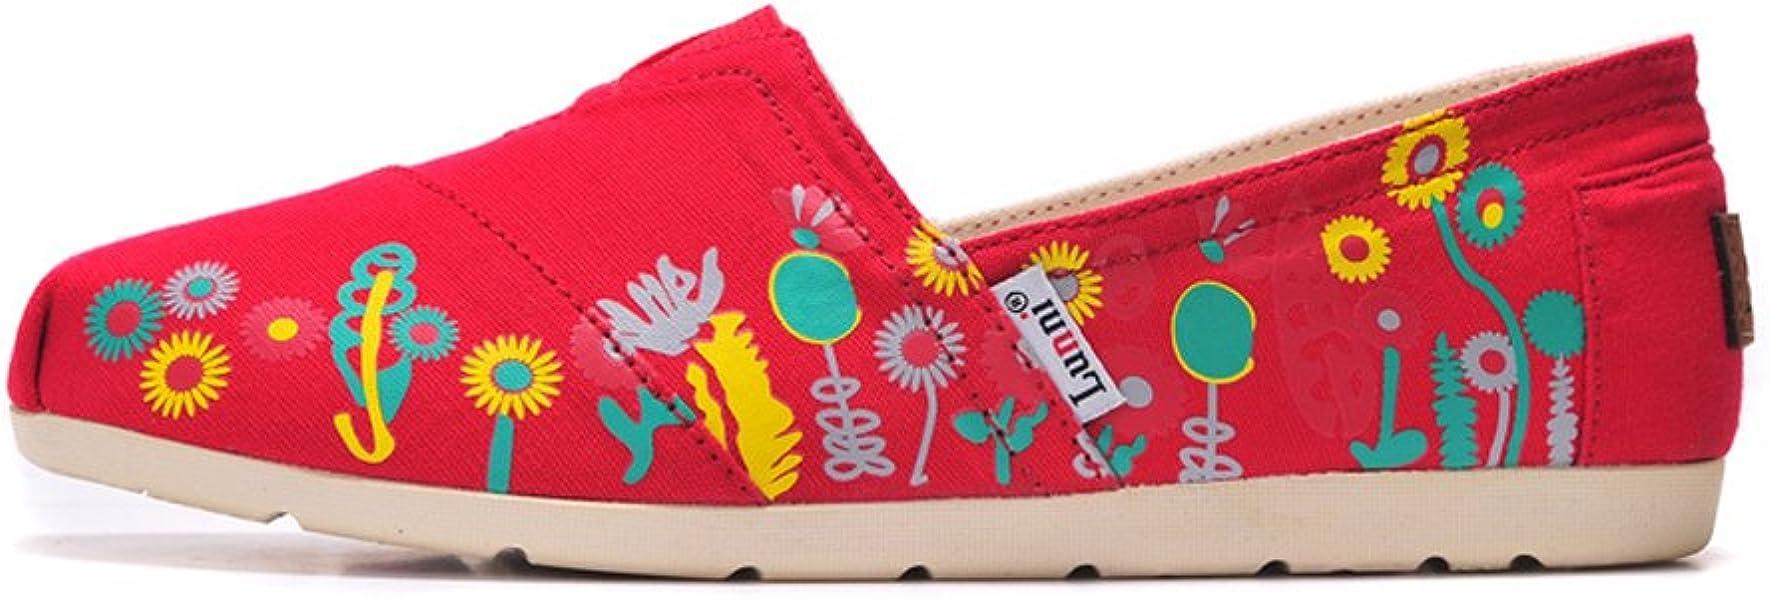 Lunni Floral Lienzo Zapatos de la Mujer Rojo